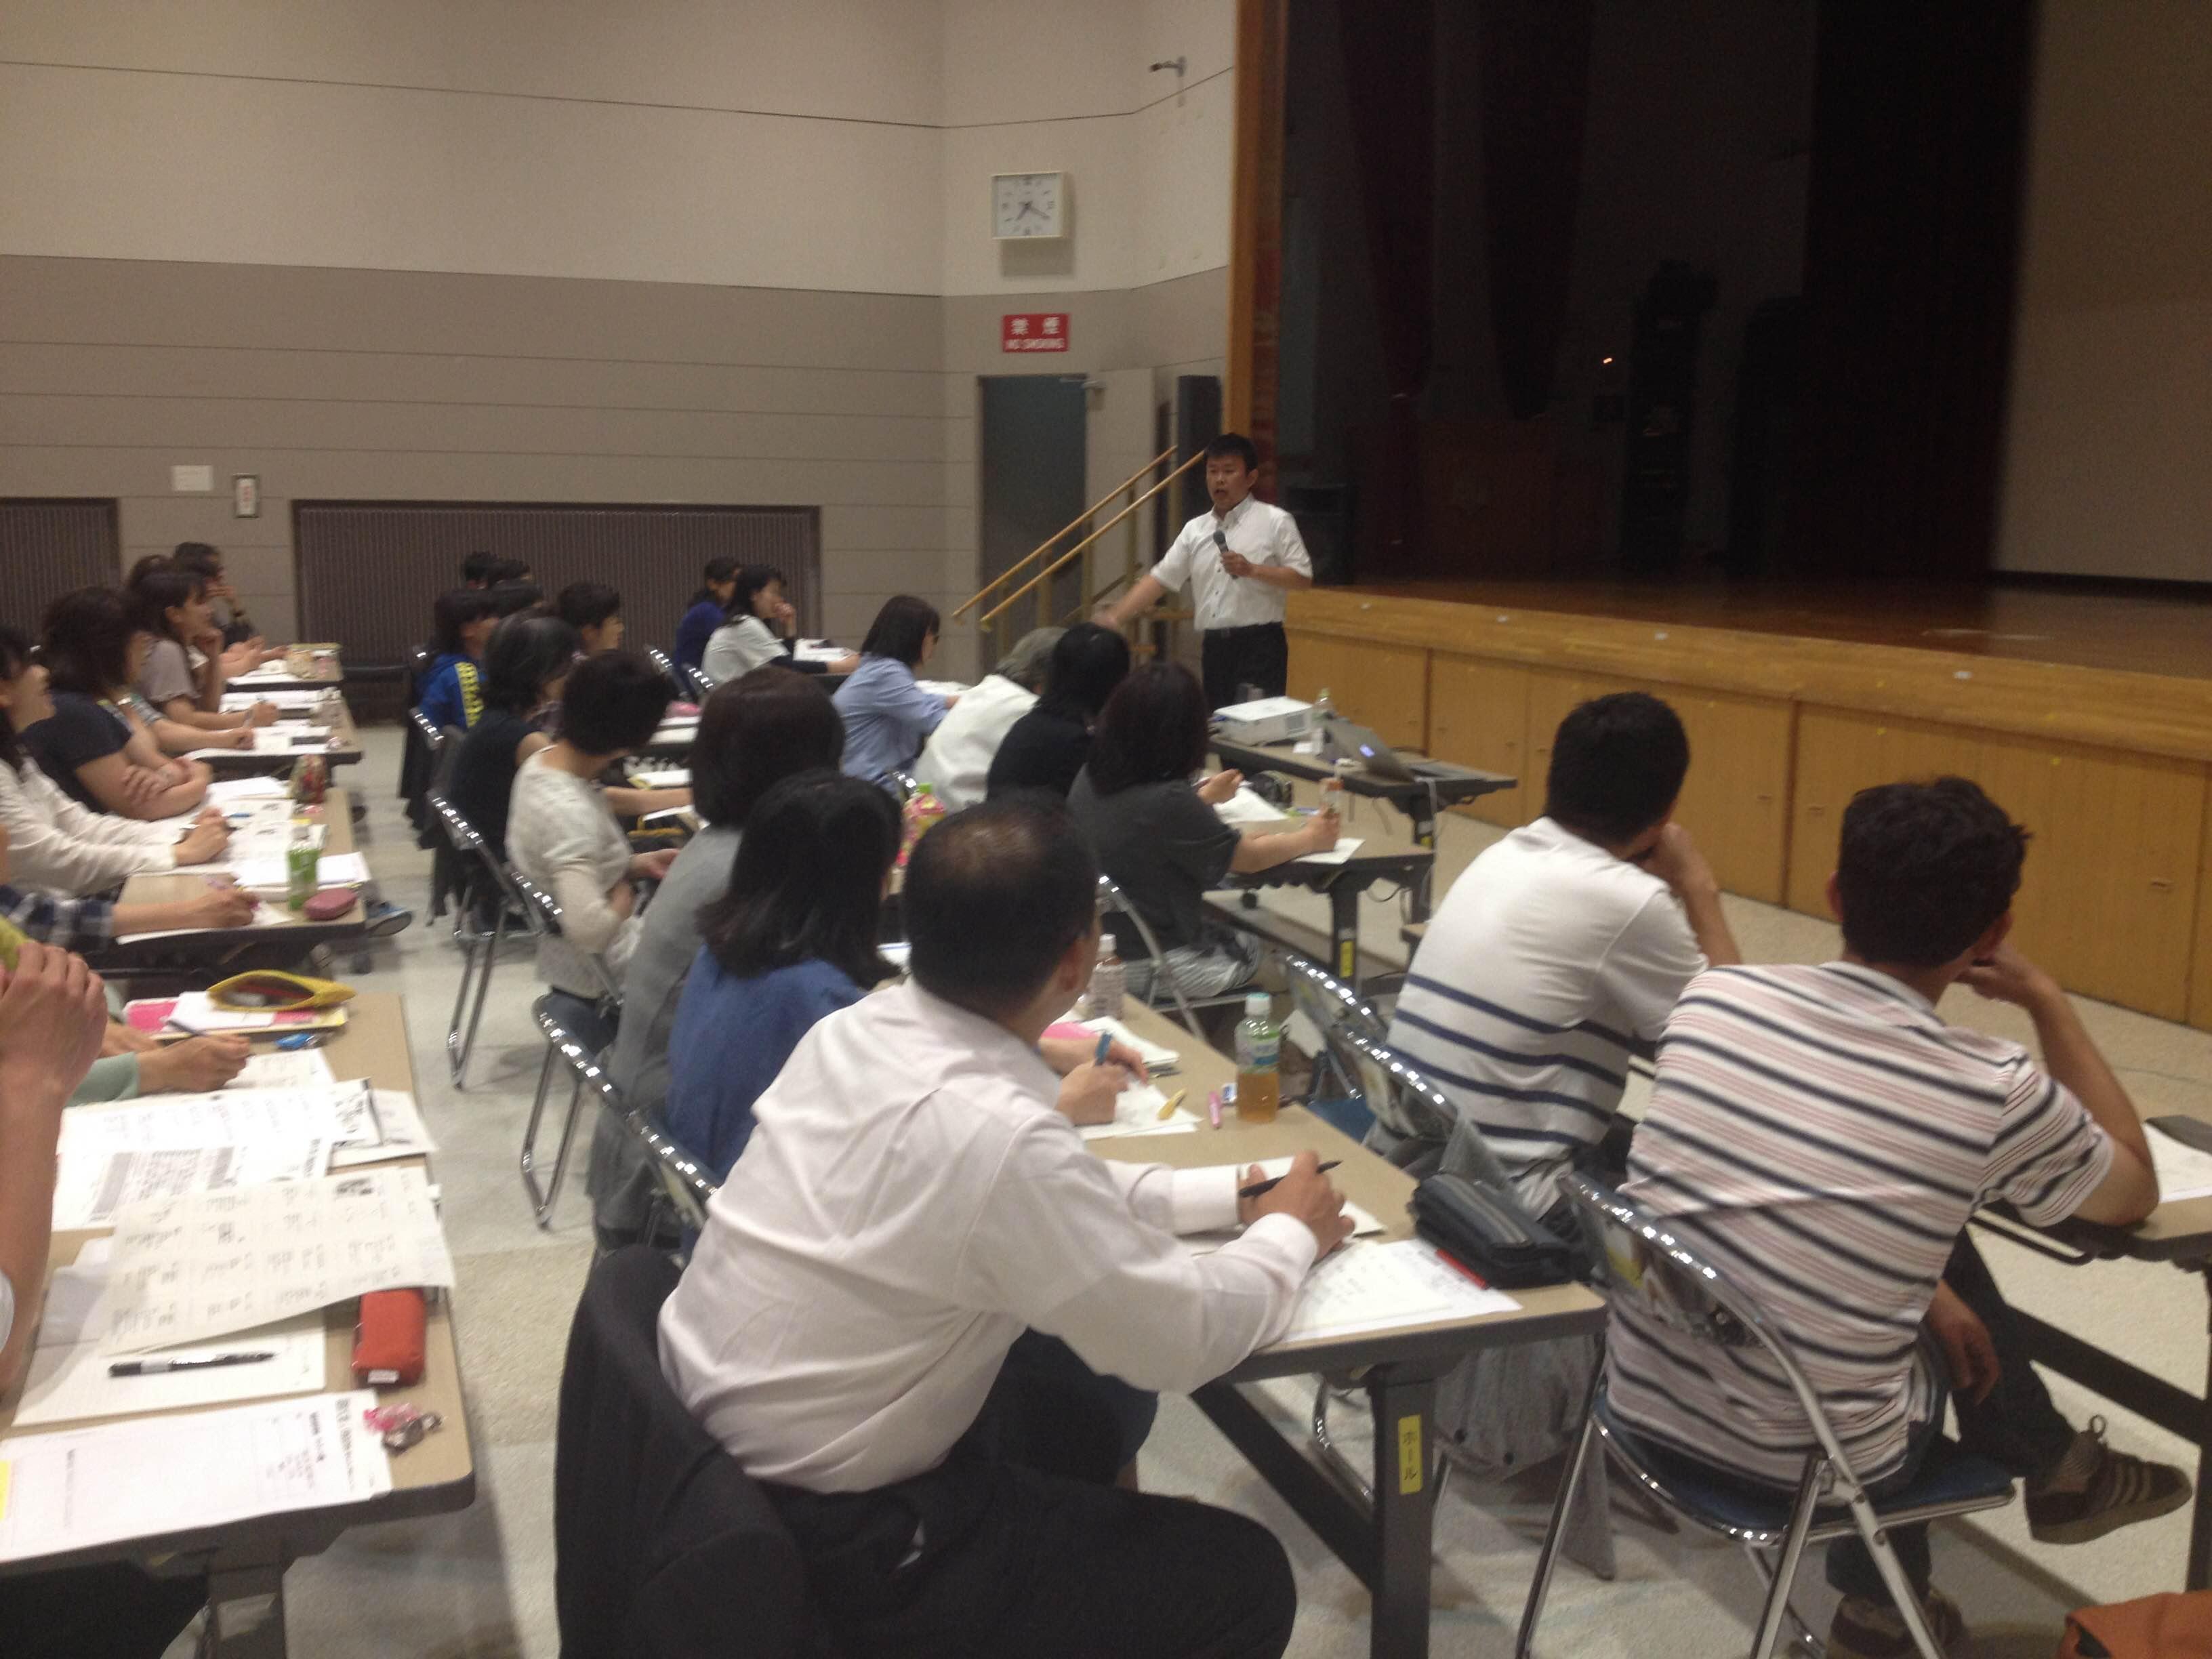 高杉祐之氏による 特別支援学習会Ⅱ_e0252129_20493050.jpg